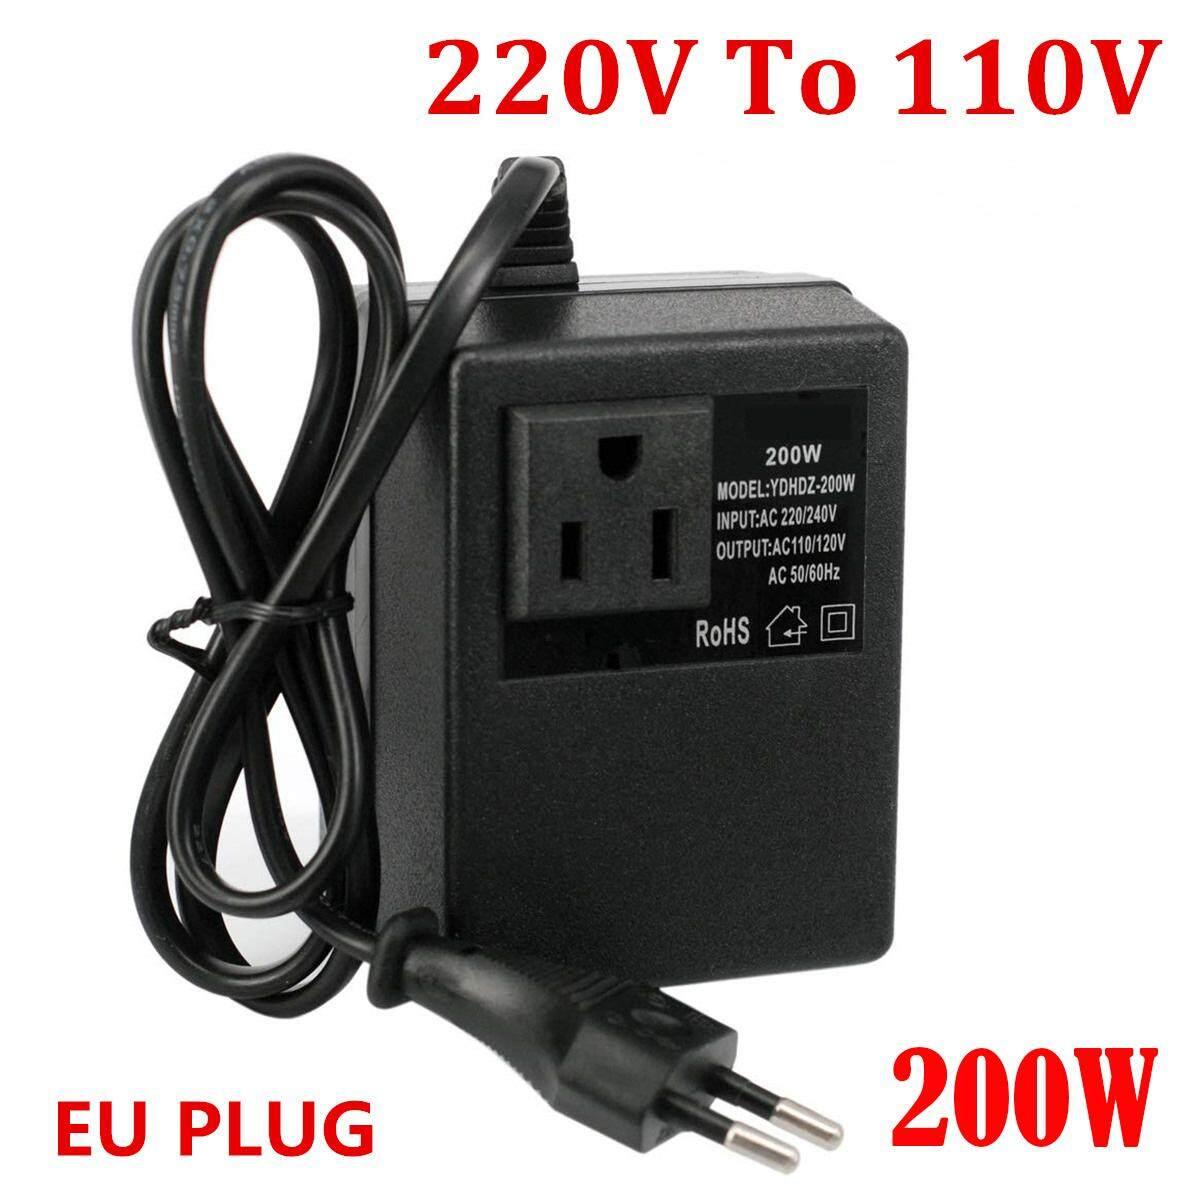 200W EU Plug Compact Voltage Converter Transformer 220V To 110V Step Down  Travel